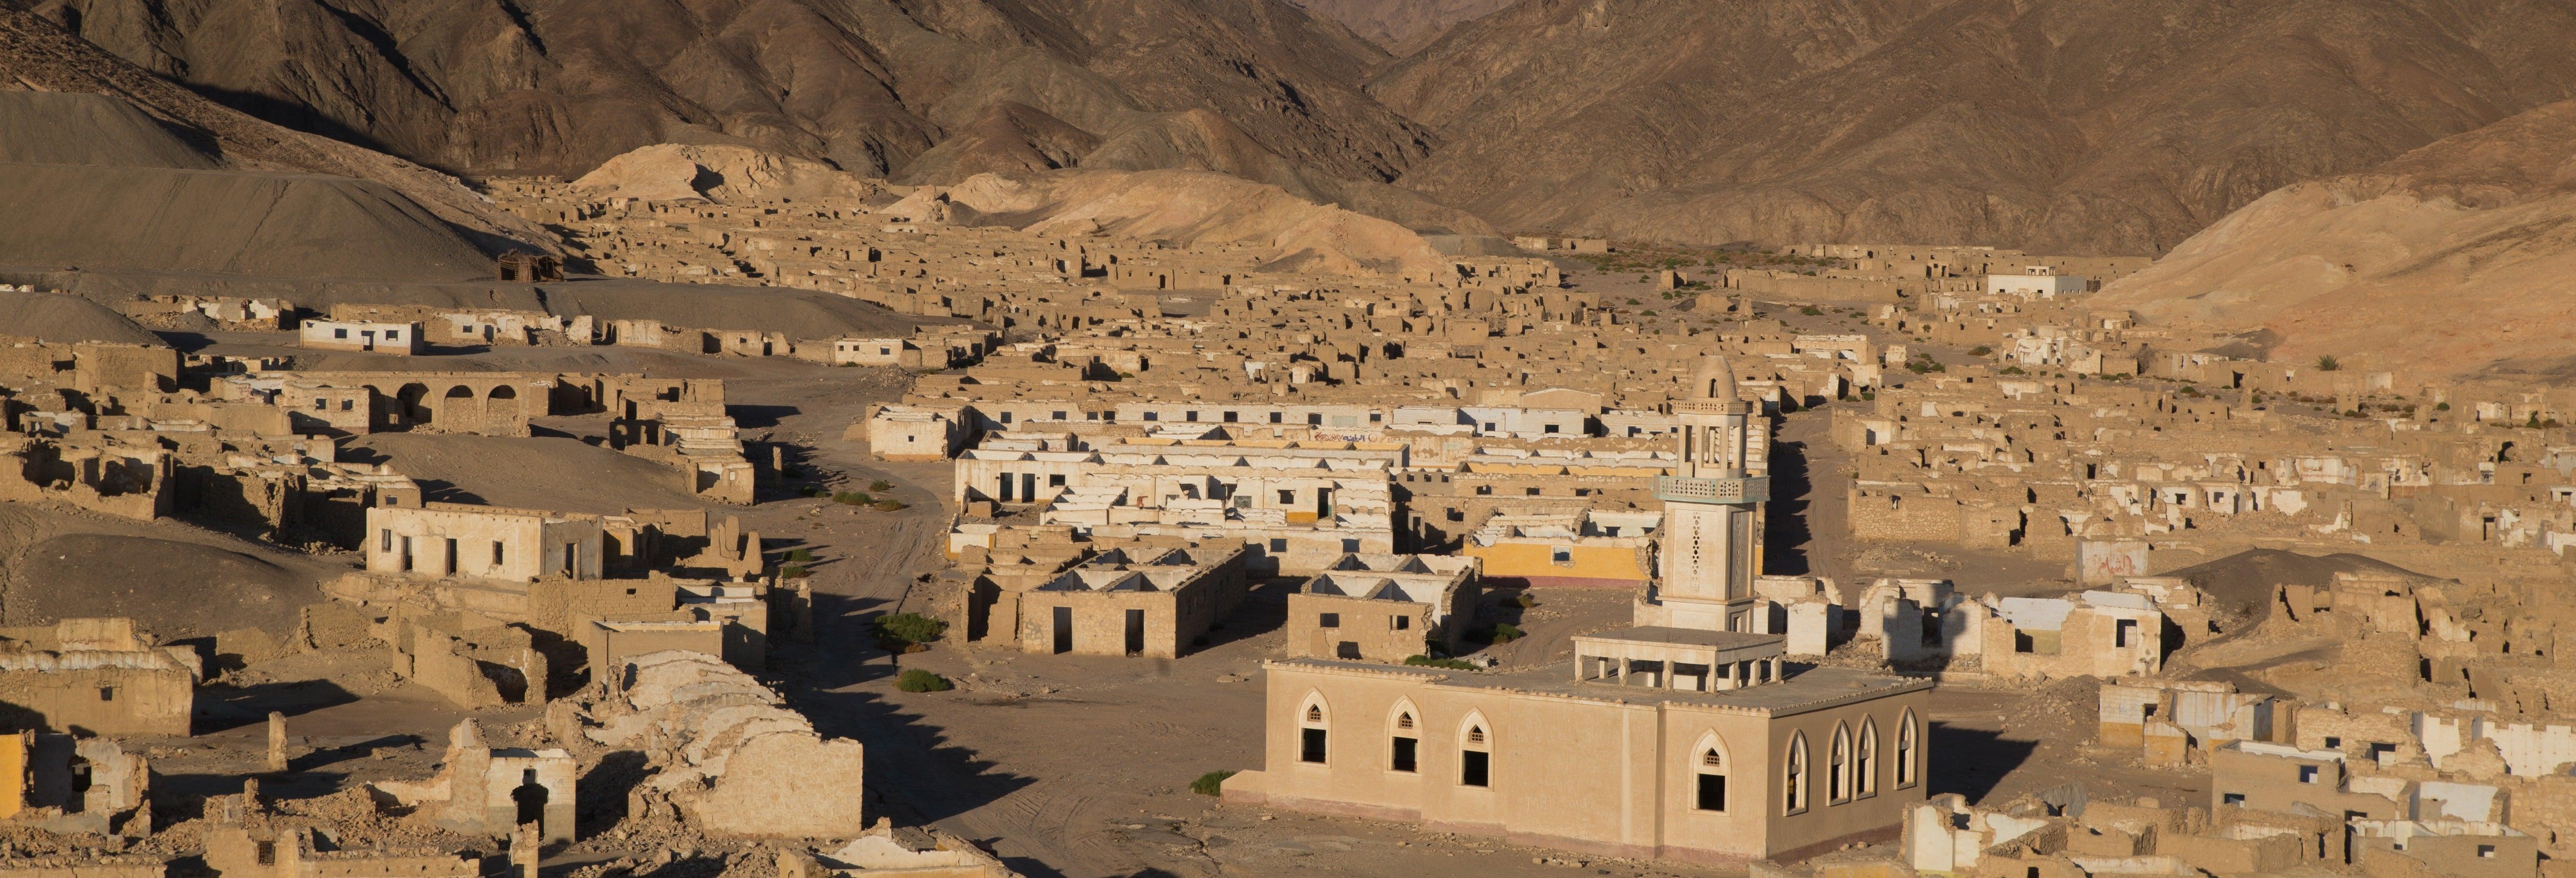 Excursão à cidade fantasma de Umm el Howeitat + Tour de quadriciclo